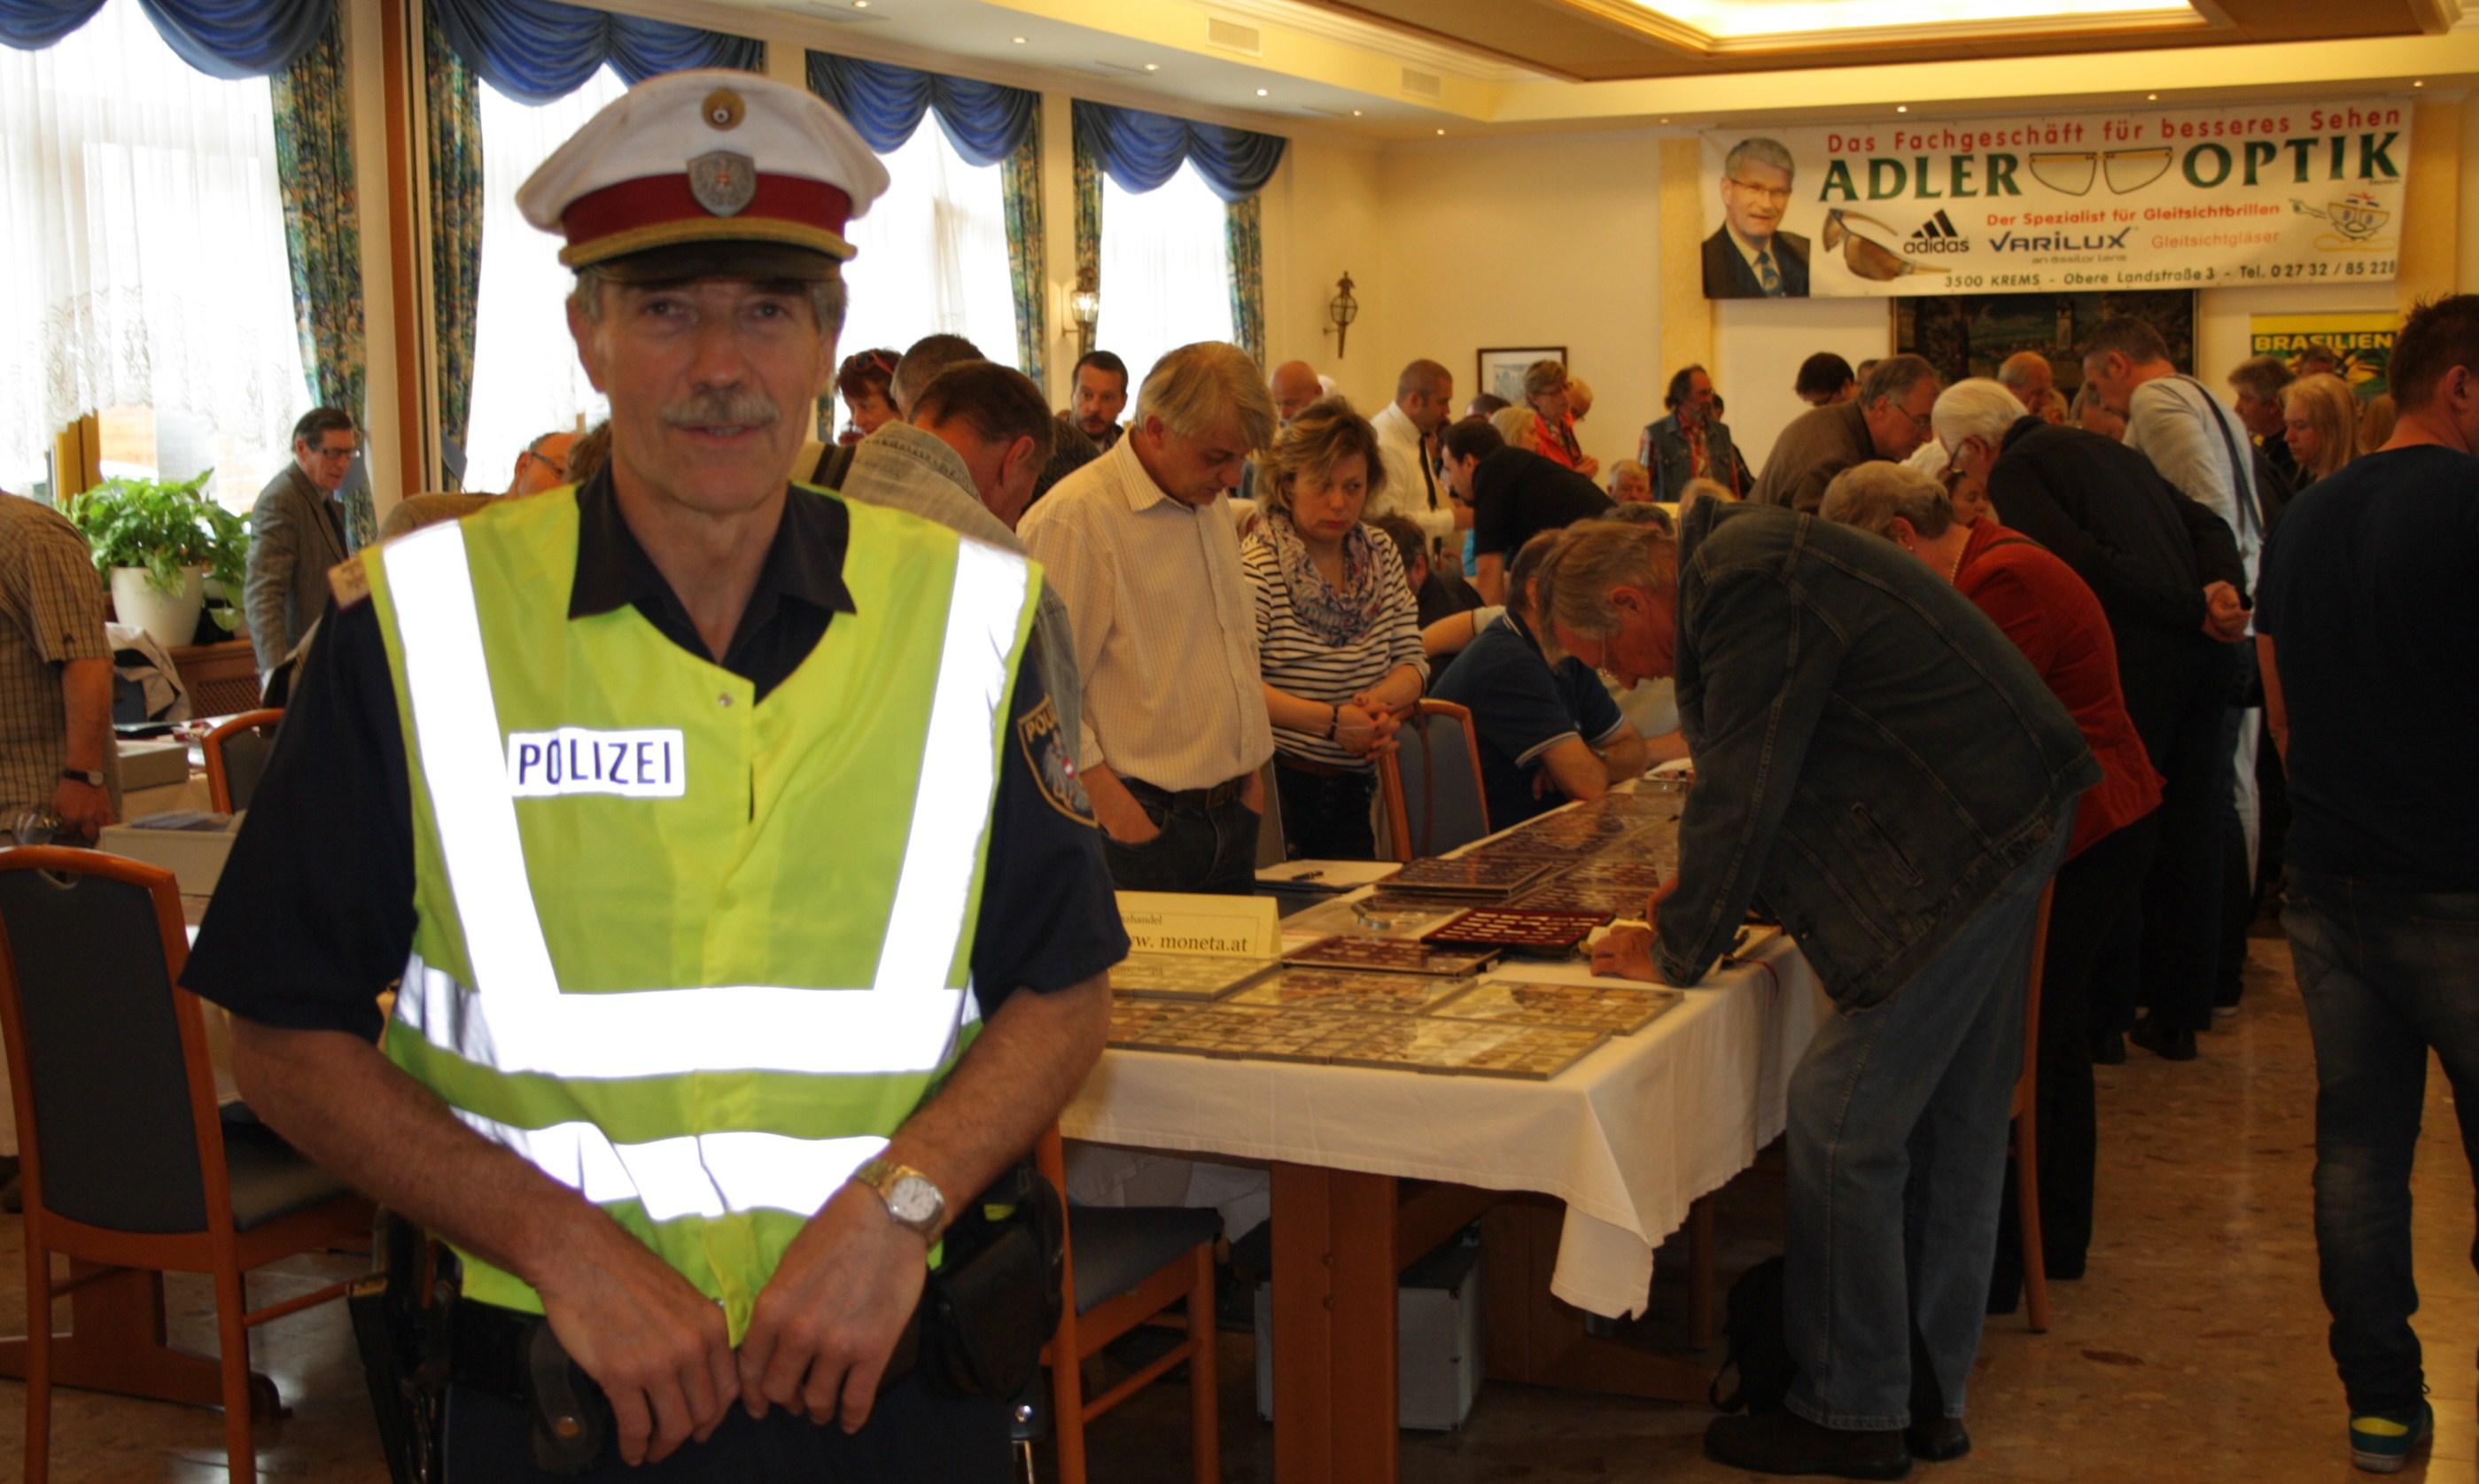 Münzbörse Spitz unter bewährtem Polizeischutz